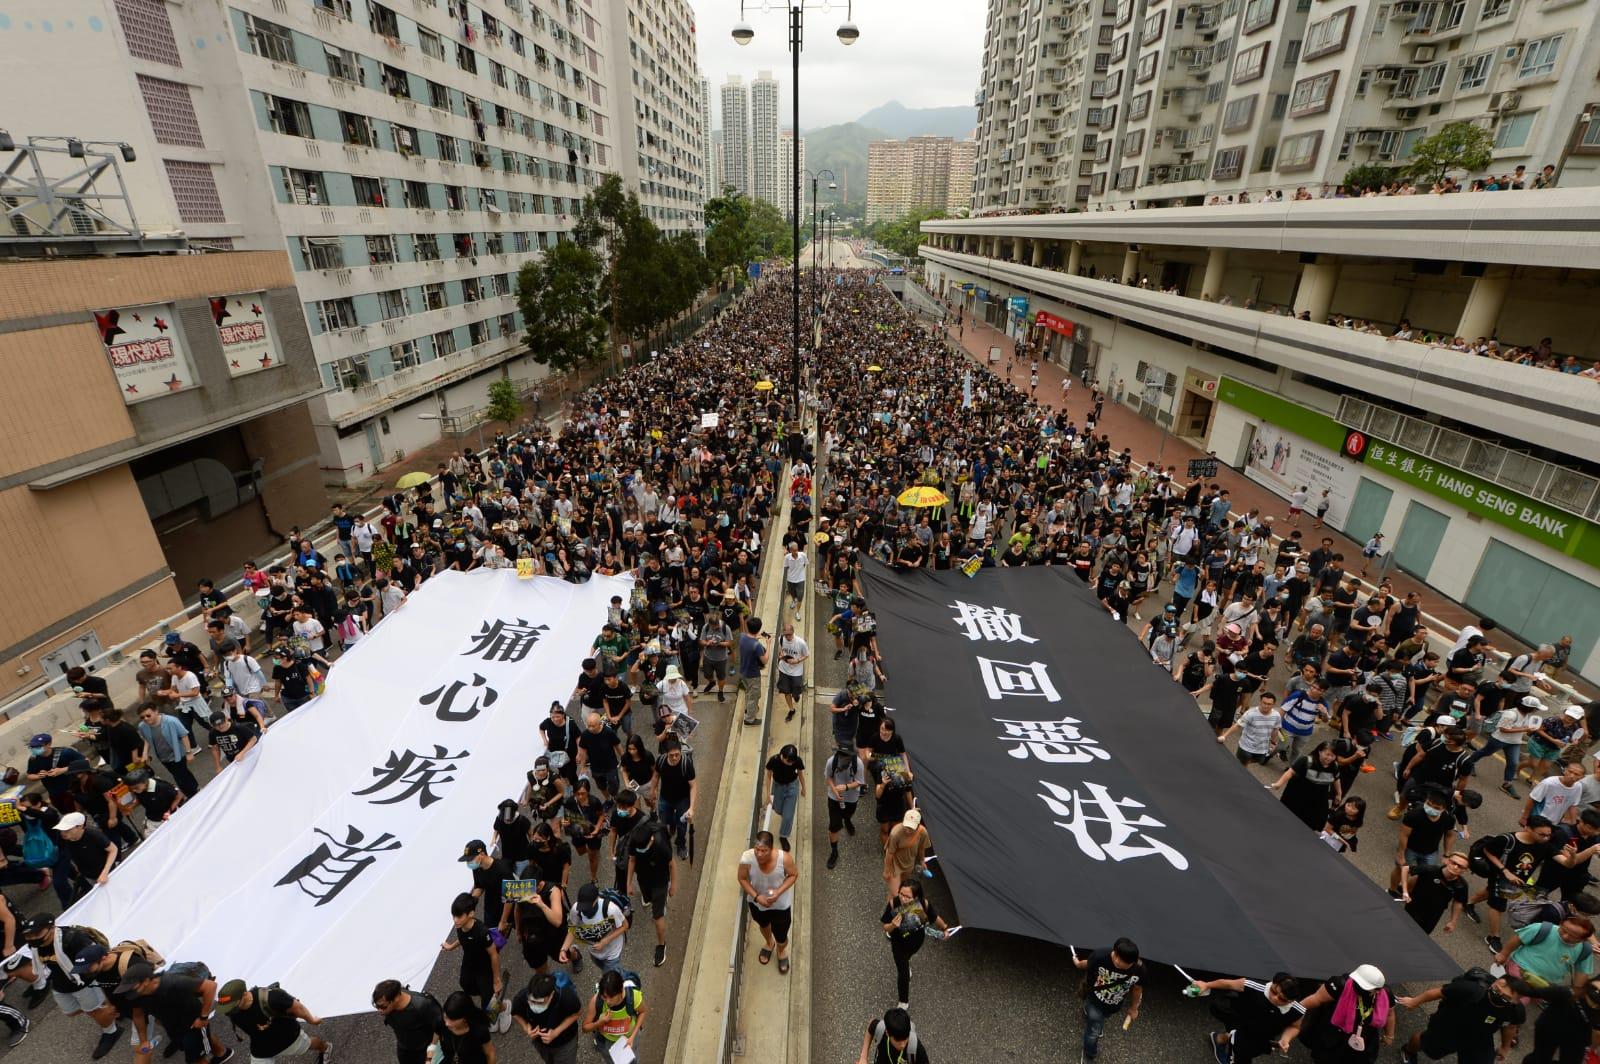 繼7月7日的香港九龍區23萬人大遊行之後,沙田區7月14日亦首次舉辦大遊行,延續「反送中」抗爭。鄉事會路的六條行車線擠滿了遊行人士。 (宋祥龍/大紀元)